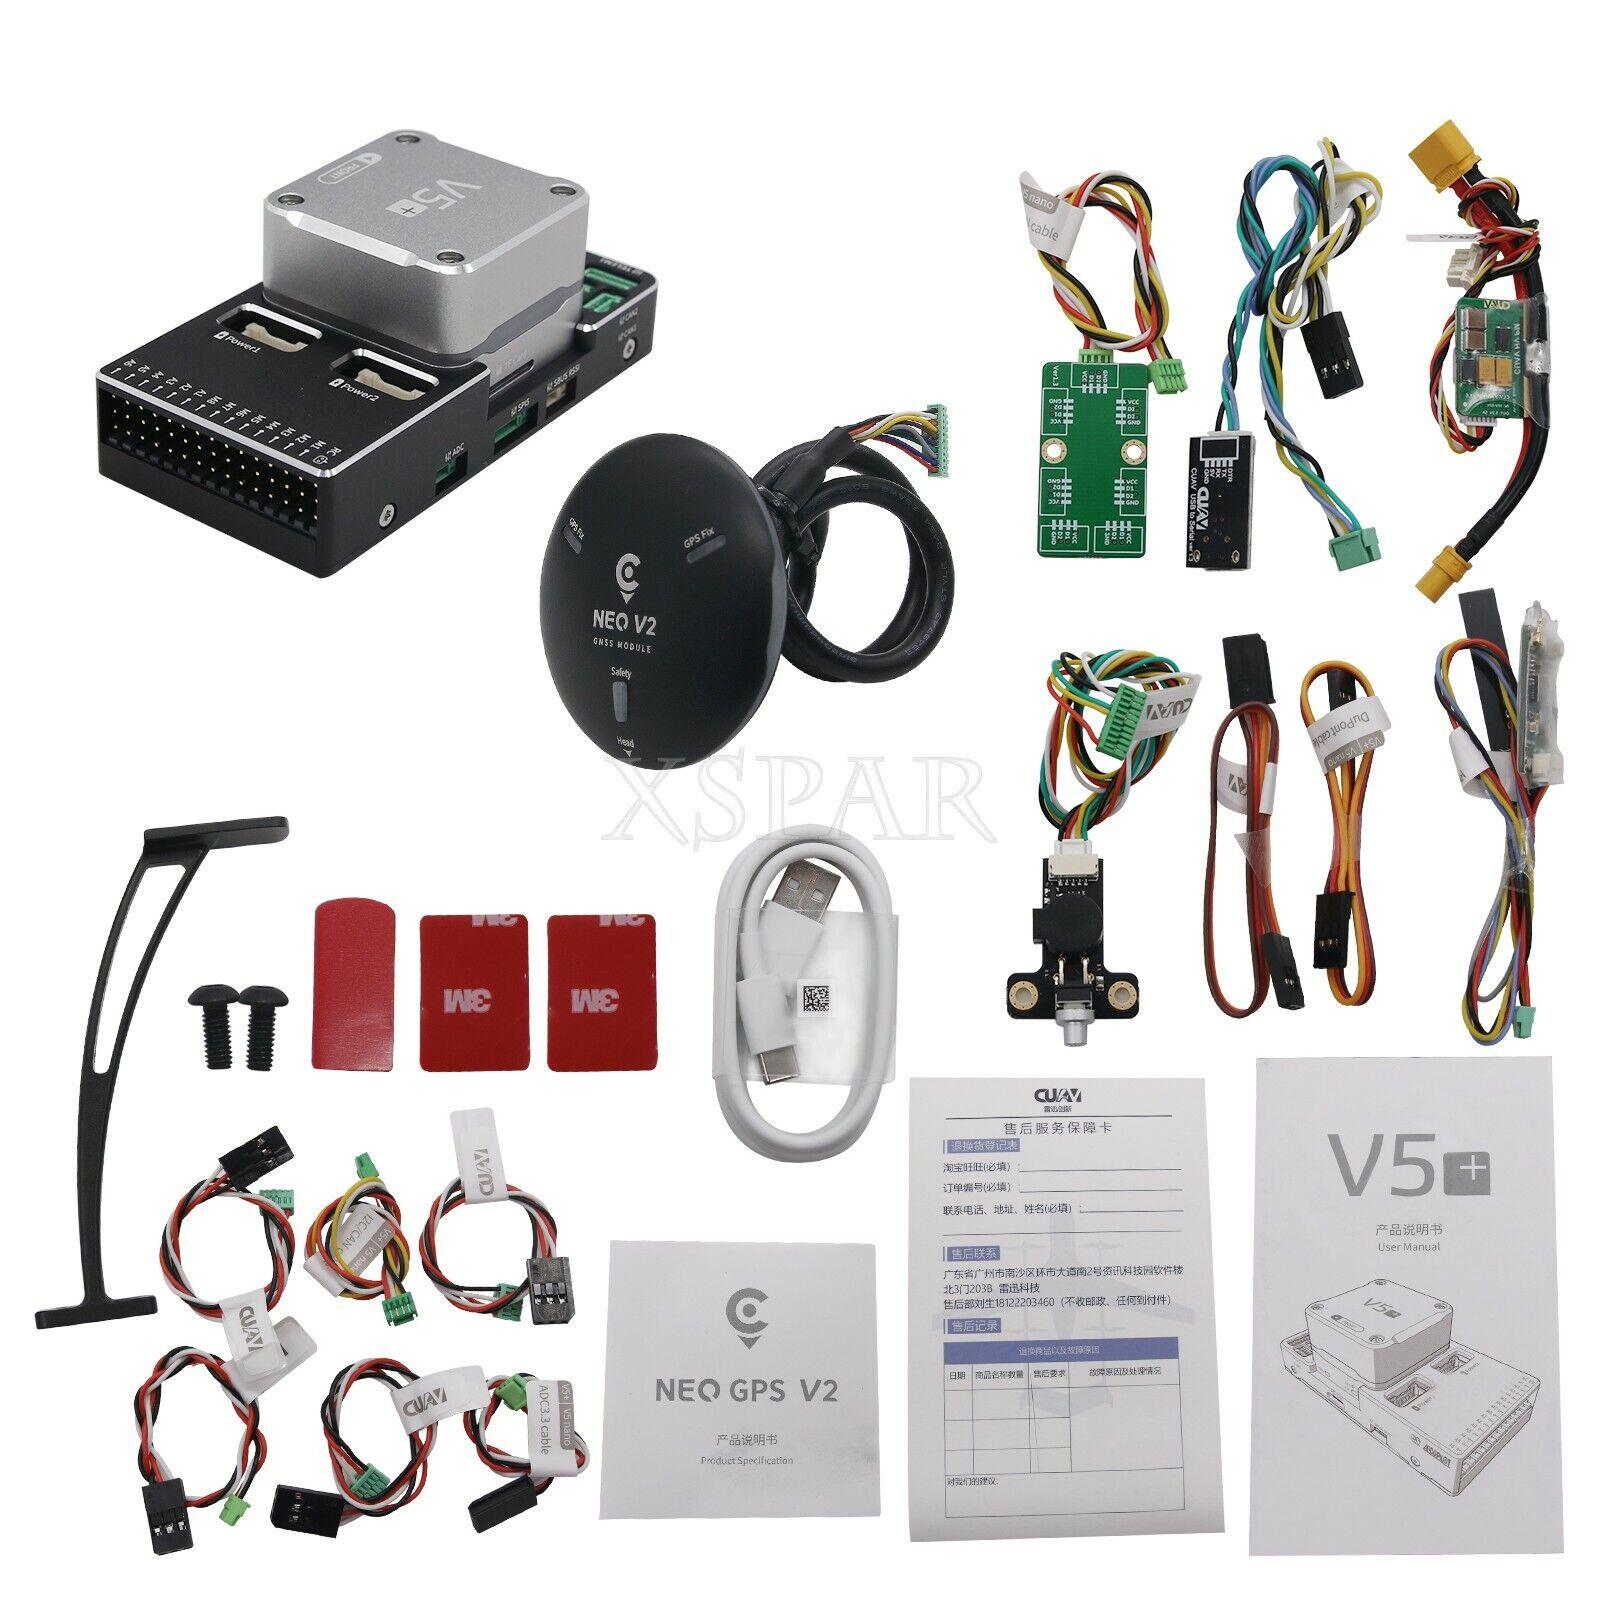 V5+ Autopilot volo Controller  + NEO GPS V2 GNSS Module for RC Drones UAV GPS  acquistare ora